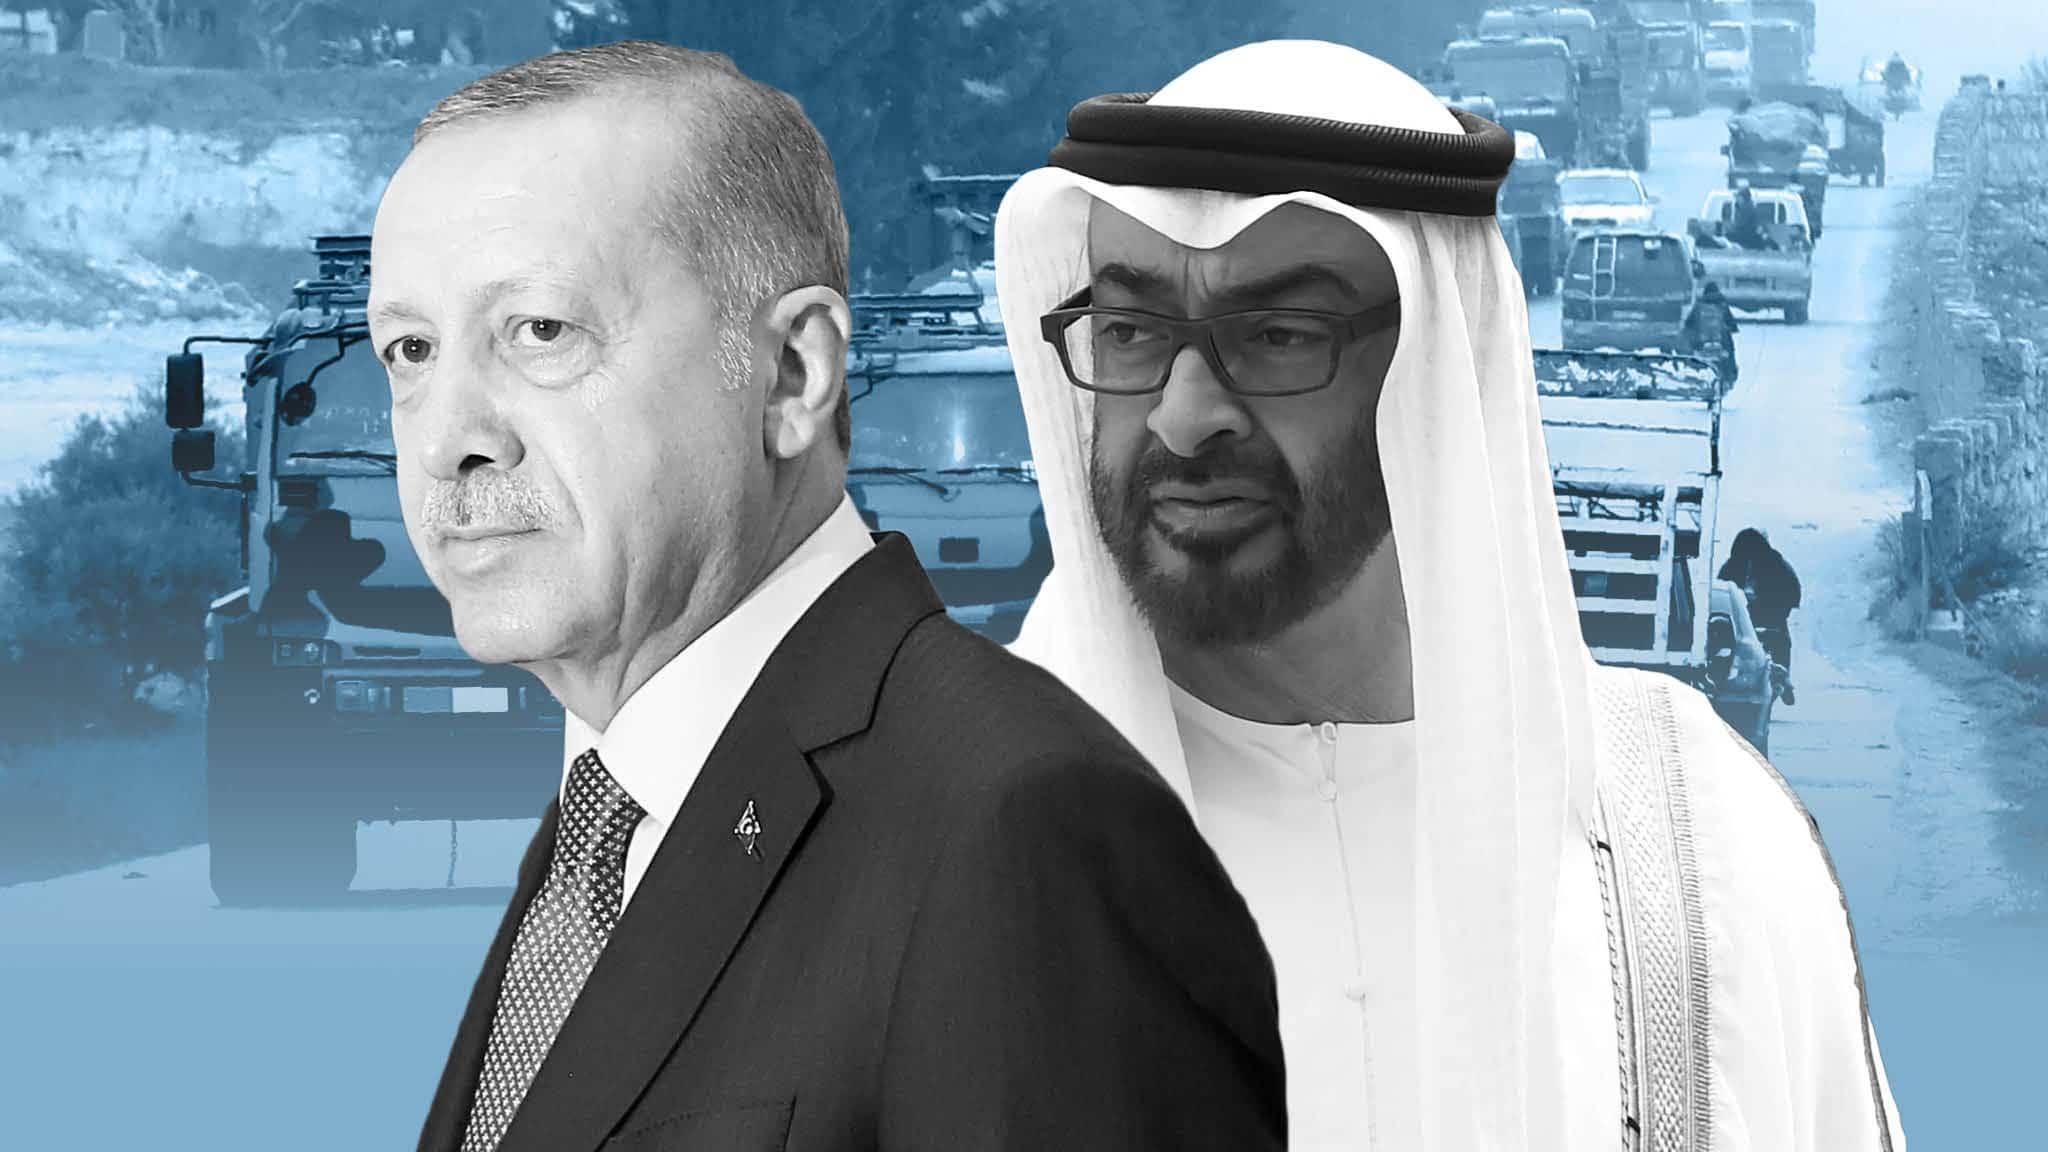 مستشار محمد بن زايد يضع 7 شروط للمصالحة مع أردوغان بعد التقارب مع السعودية